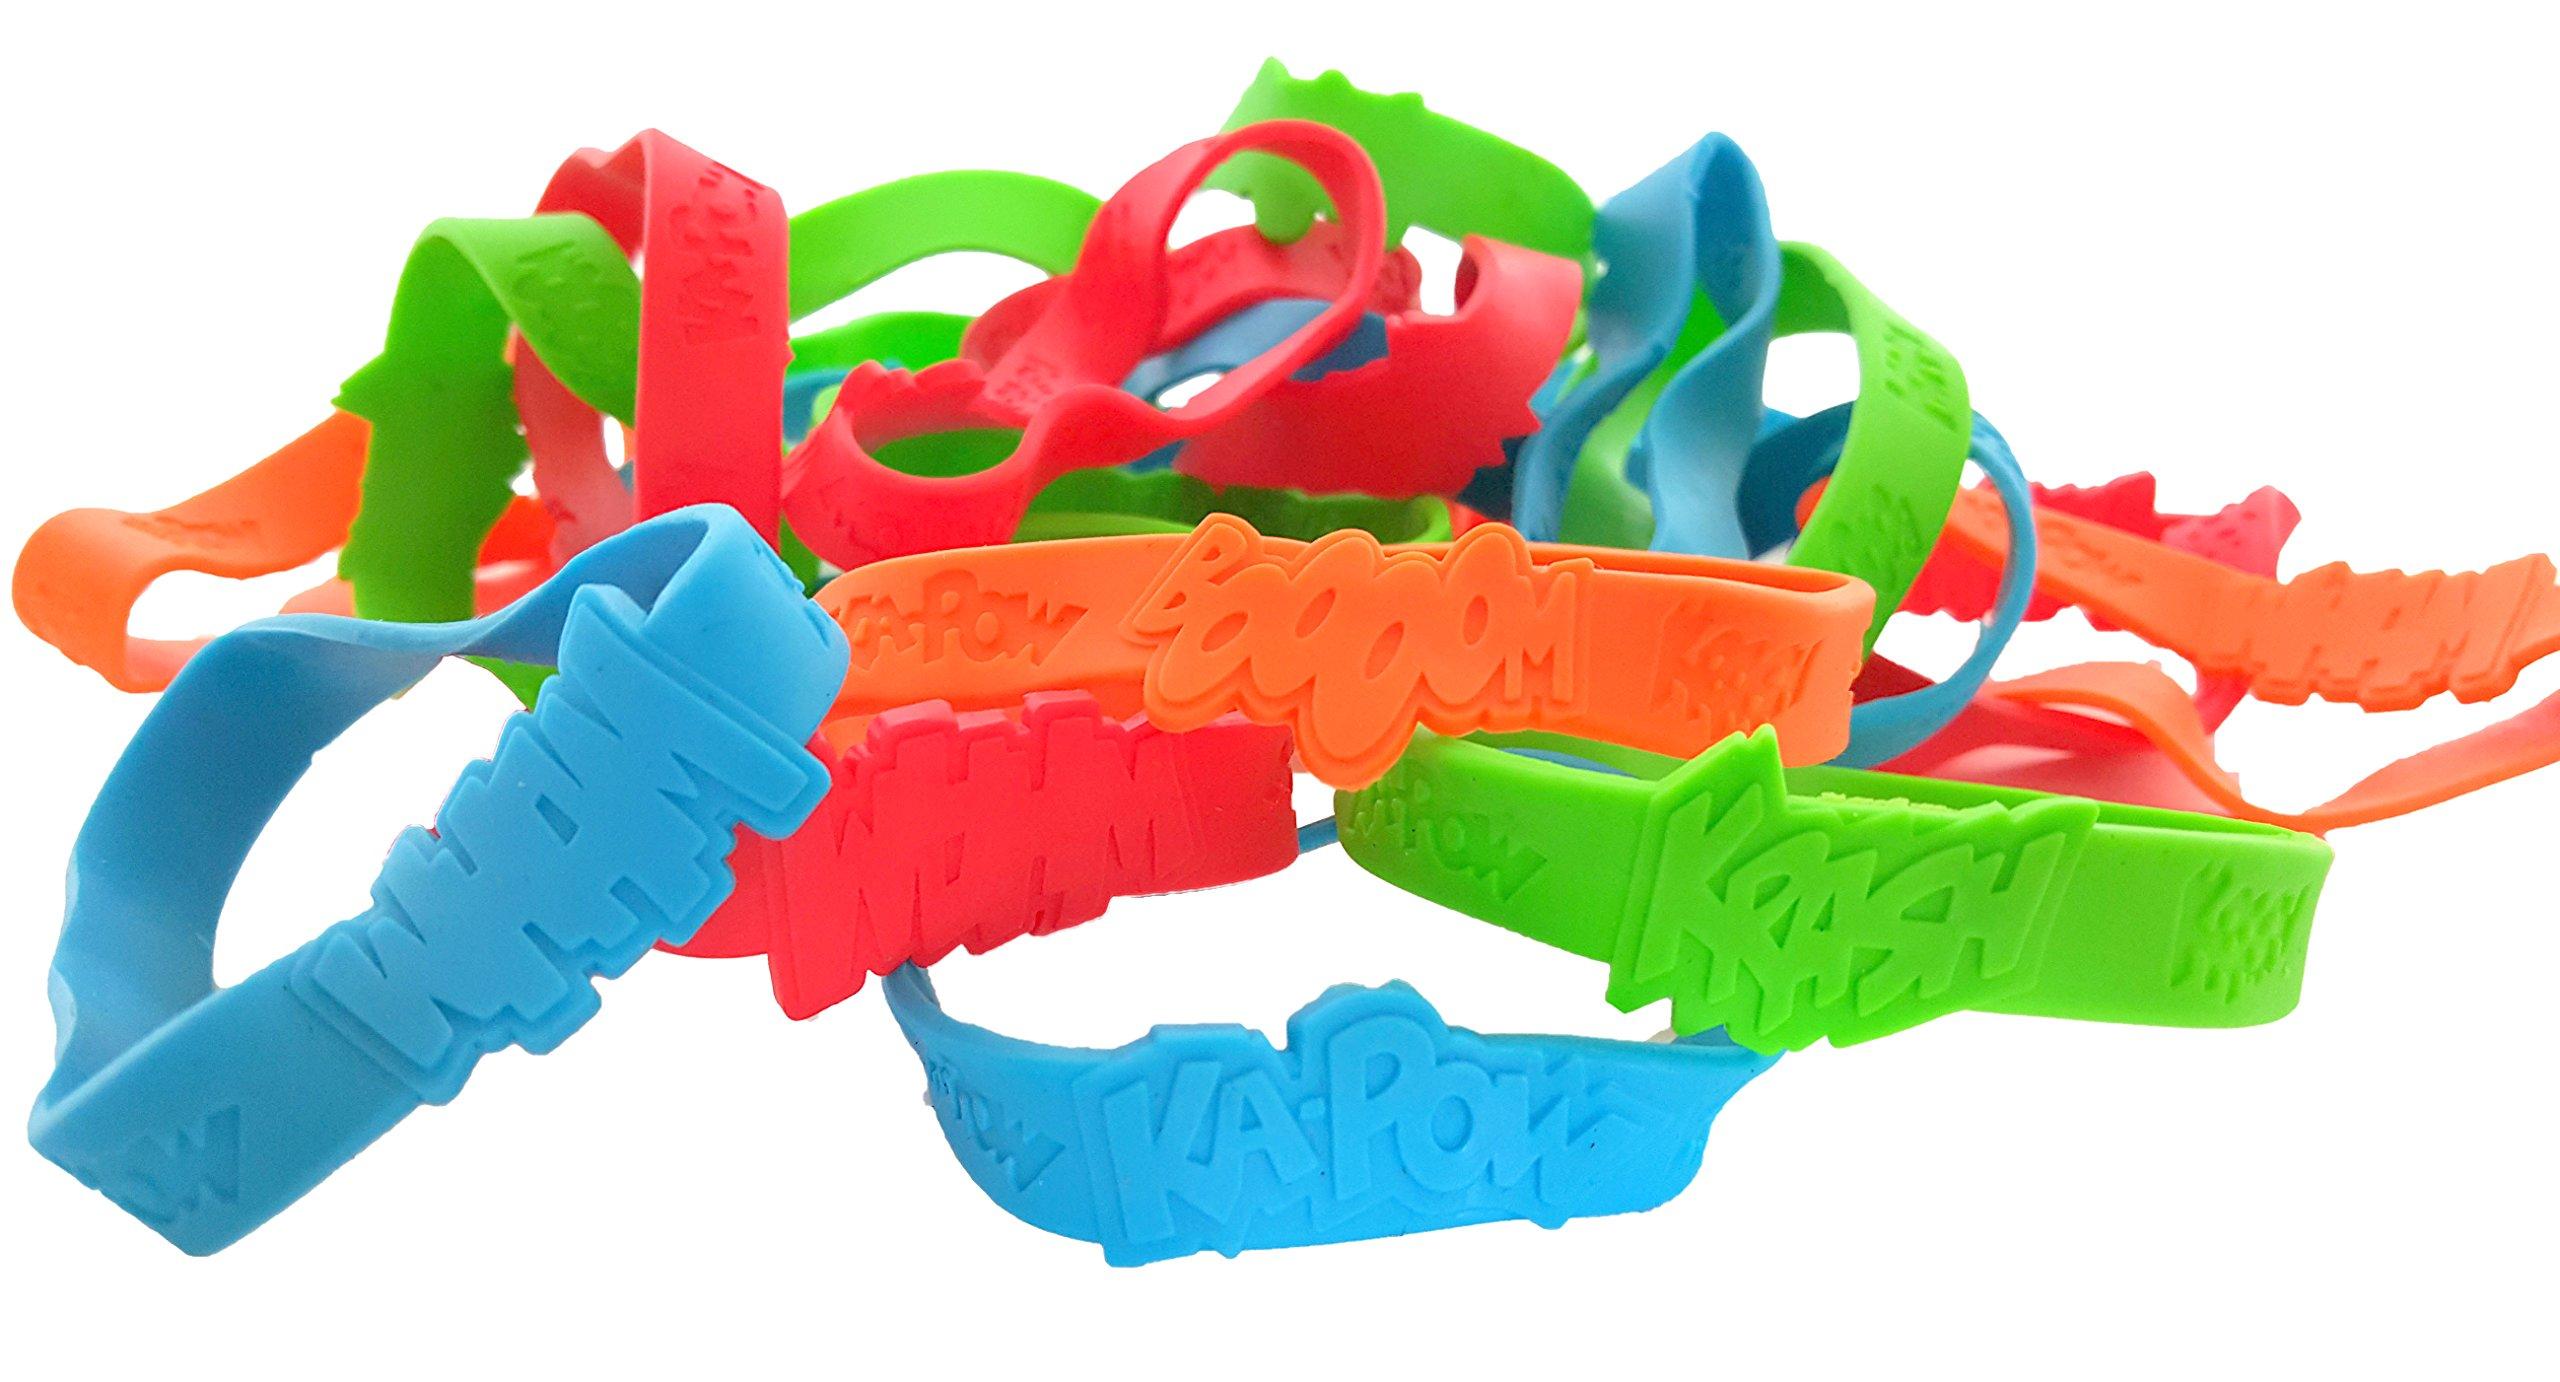 Dondor SUPERHERO' Rubber Bracelets For Children, By (SUPERHERO - 96 Pack)